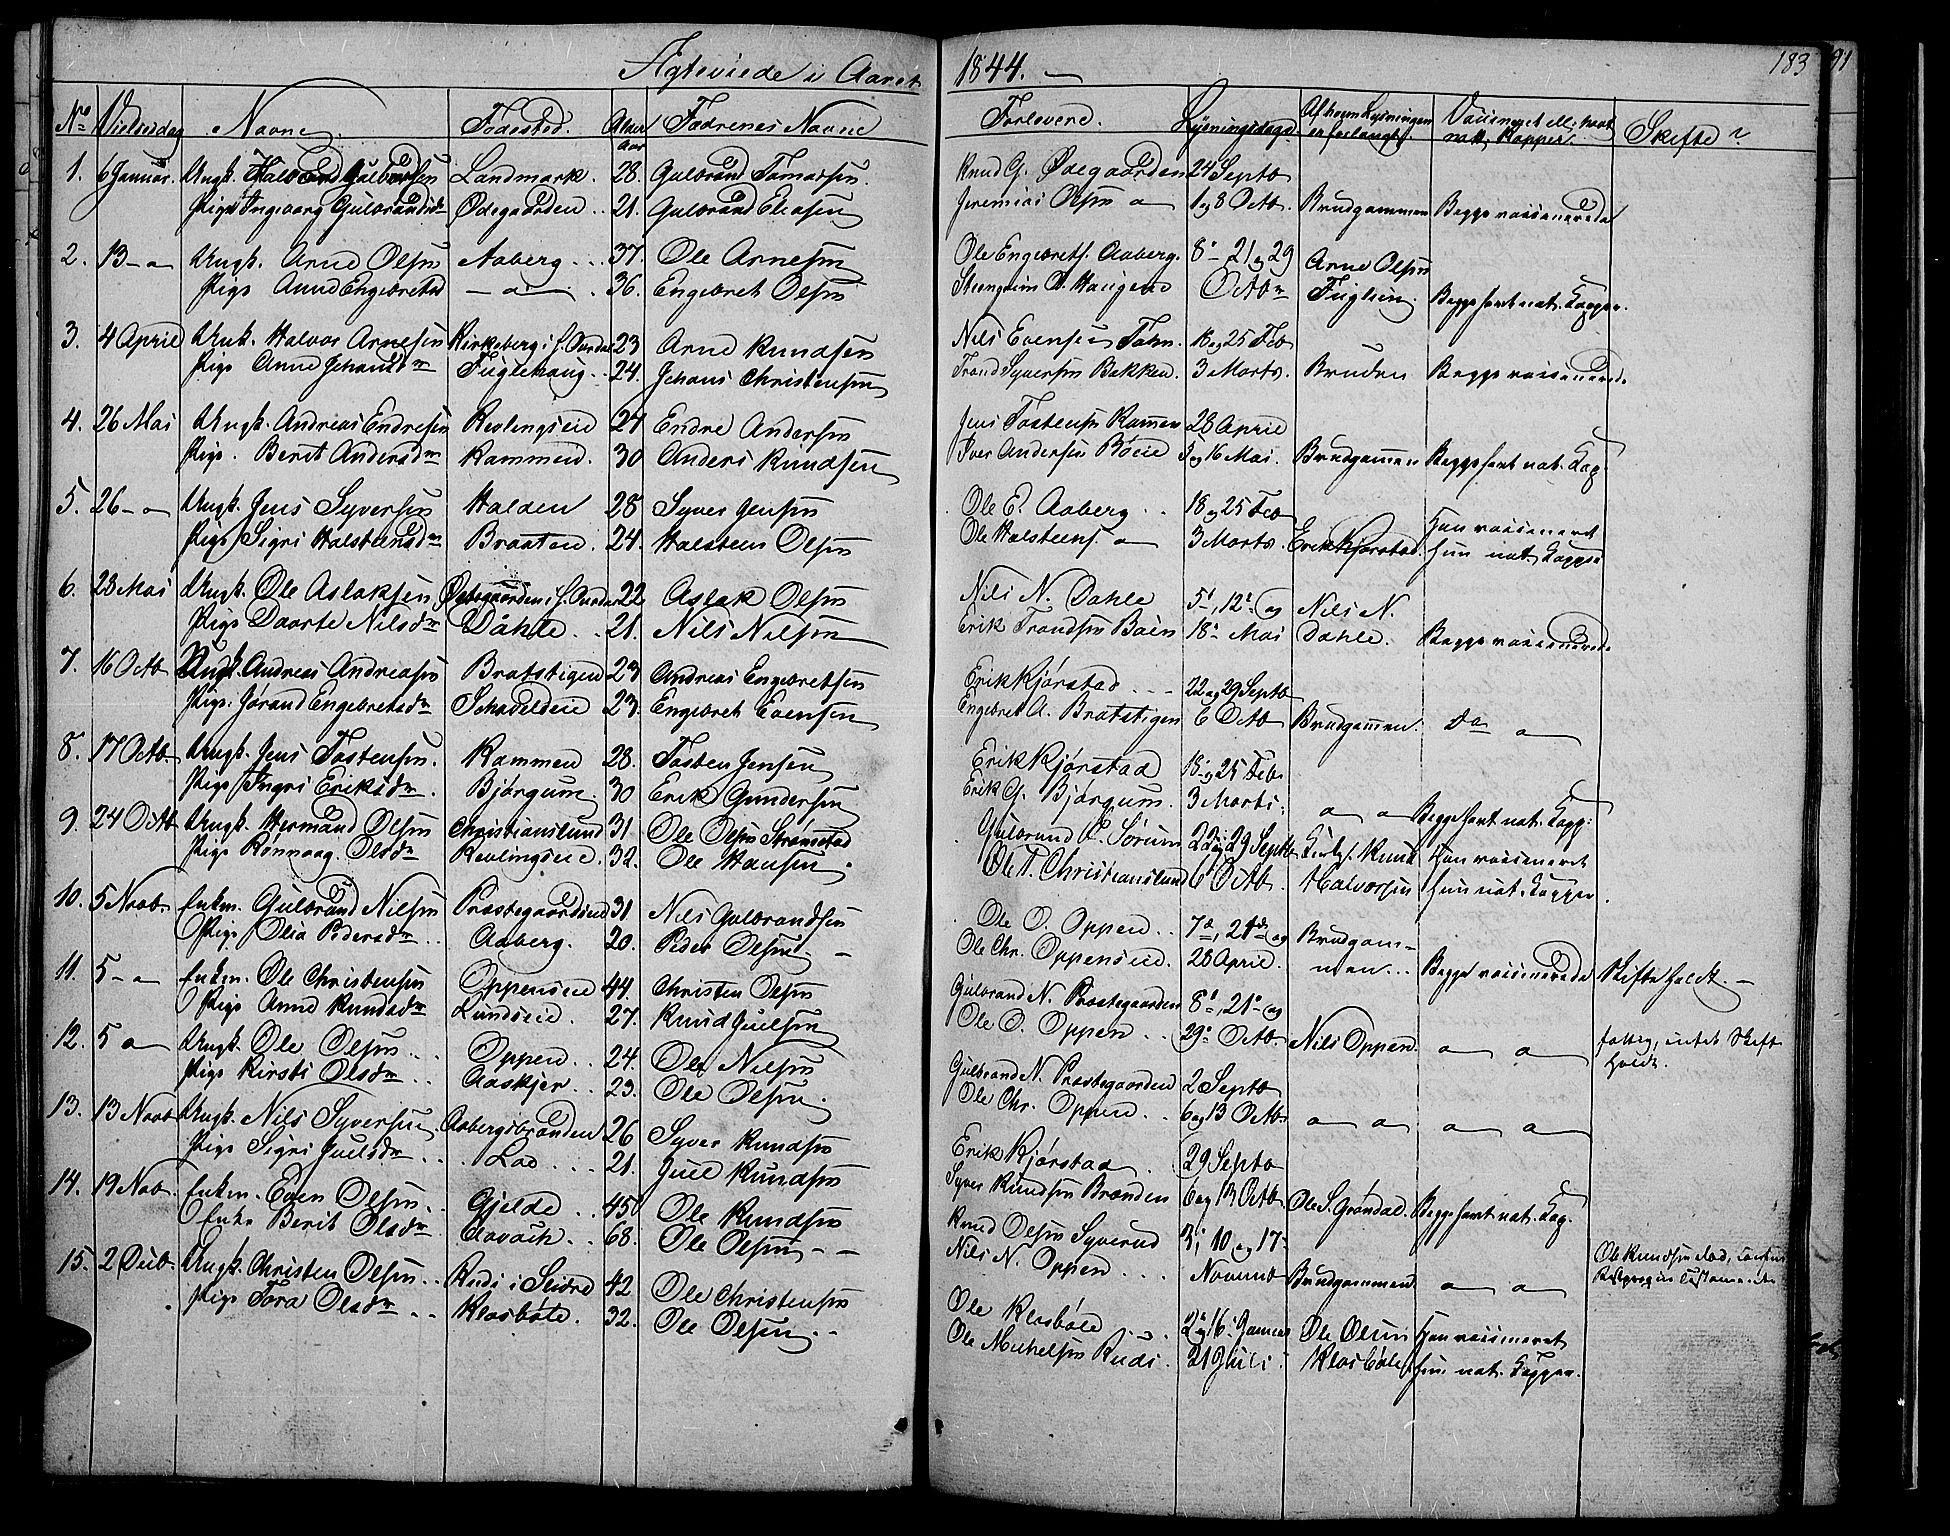 SAH, Nord-Aurdal prestekontor, Klokkerbok nr. 2, 1842-1877, s. 183